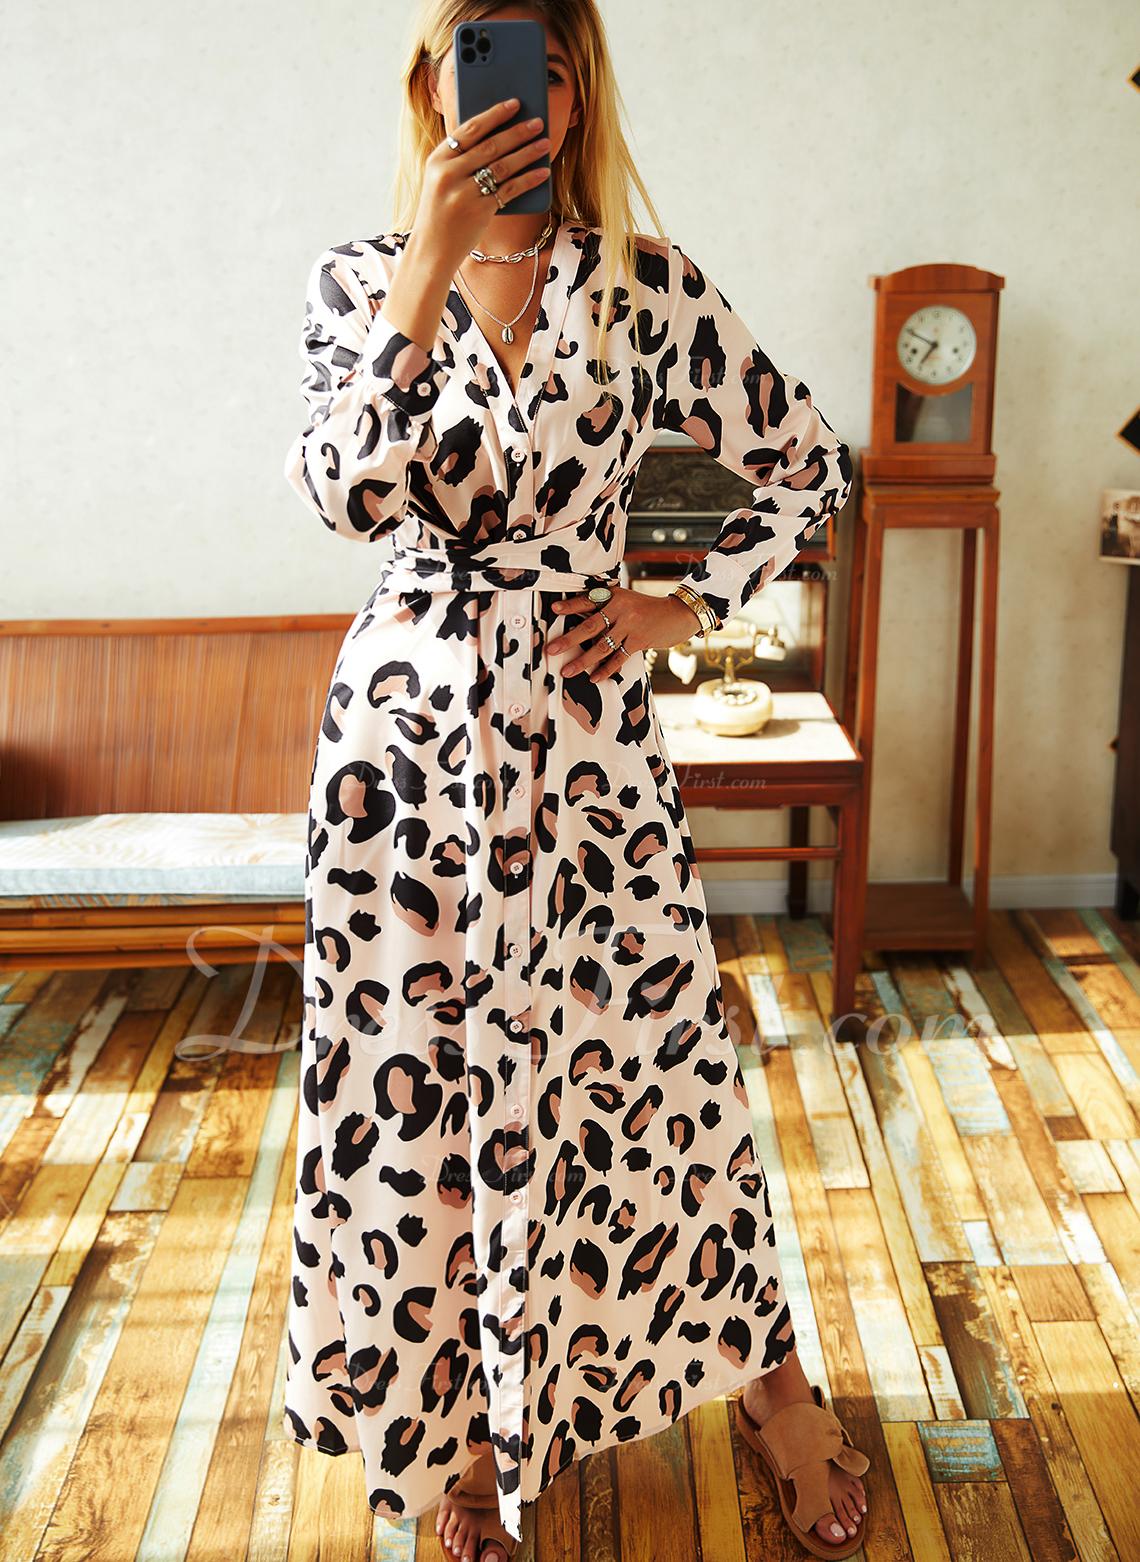 Leopard Do tvaru A Dlouhé rukávy Maxi Elegantní Skaterové Módní šaty